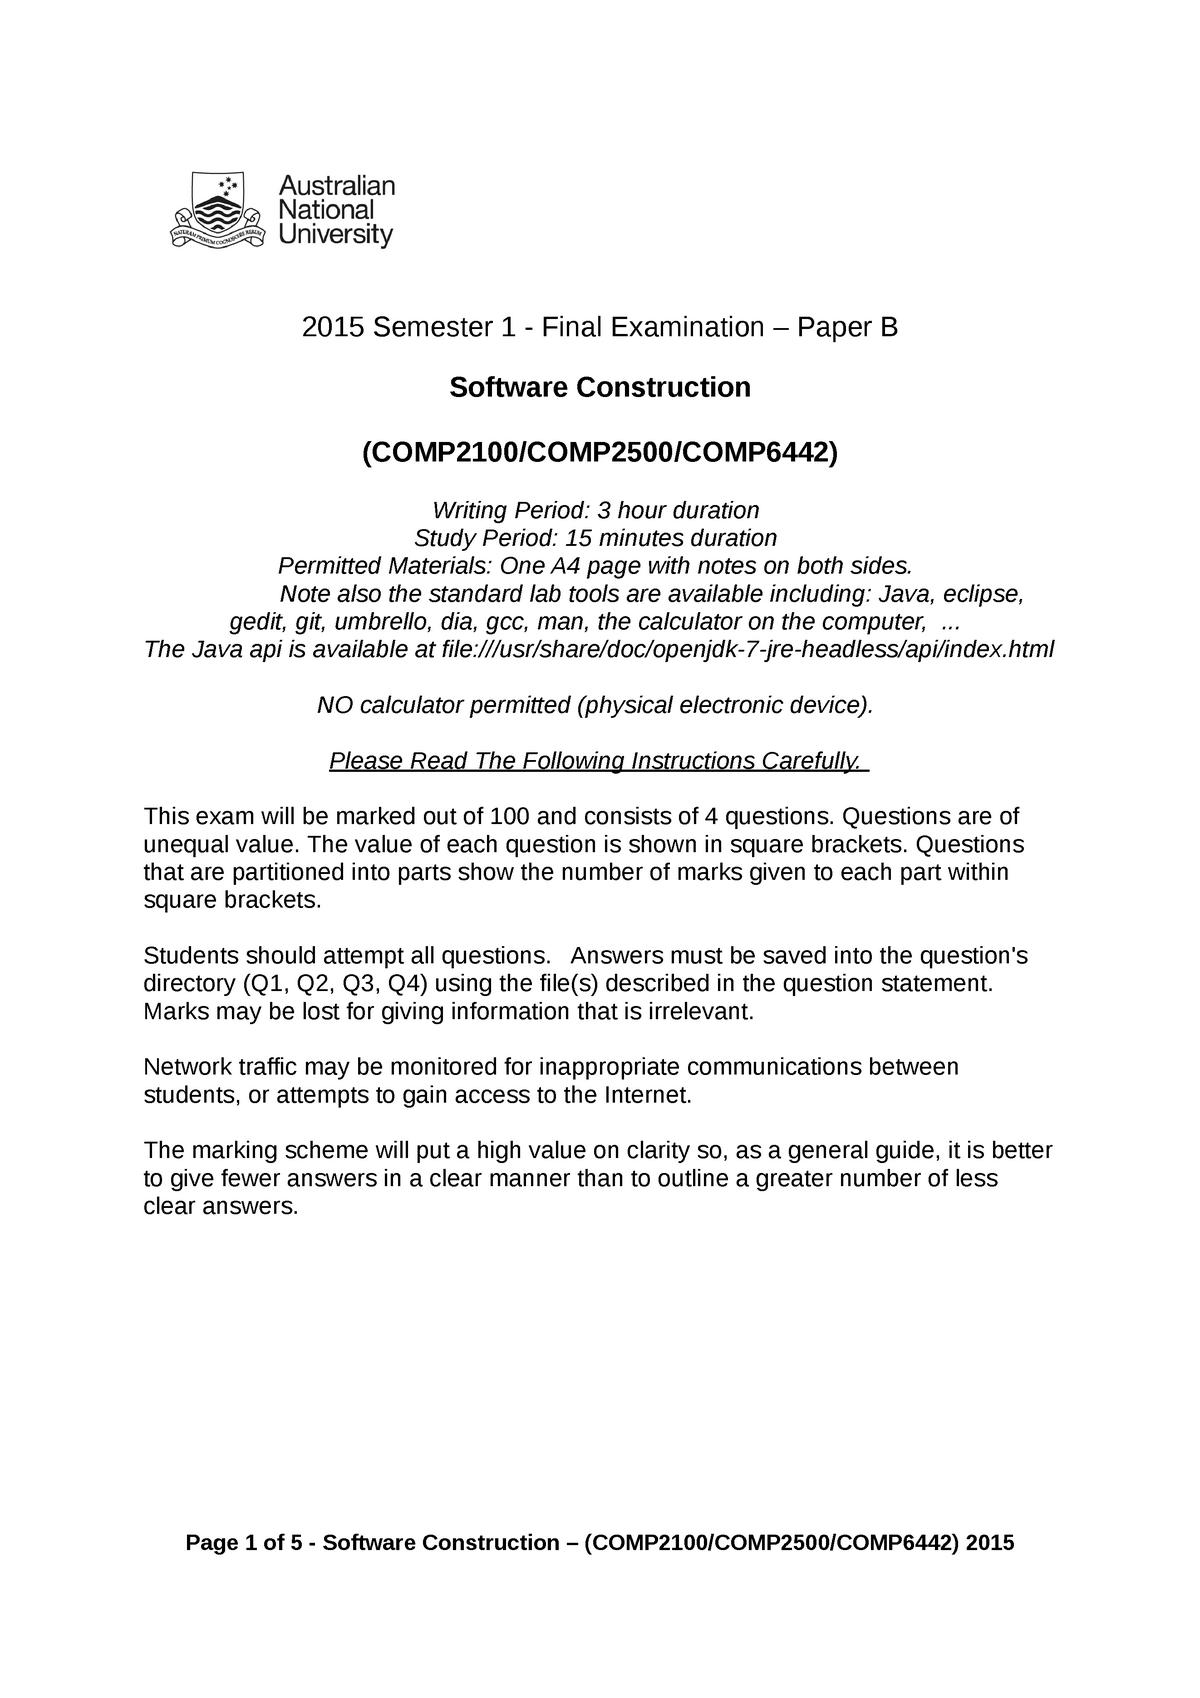 Exam 2015 - COMP2100: Software Construction - StuDocu